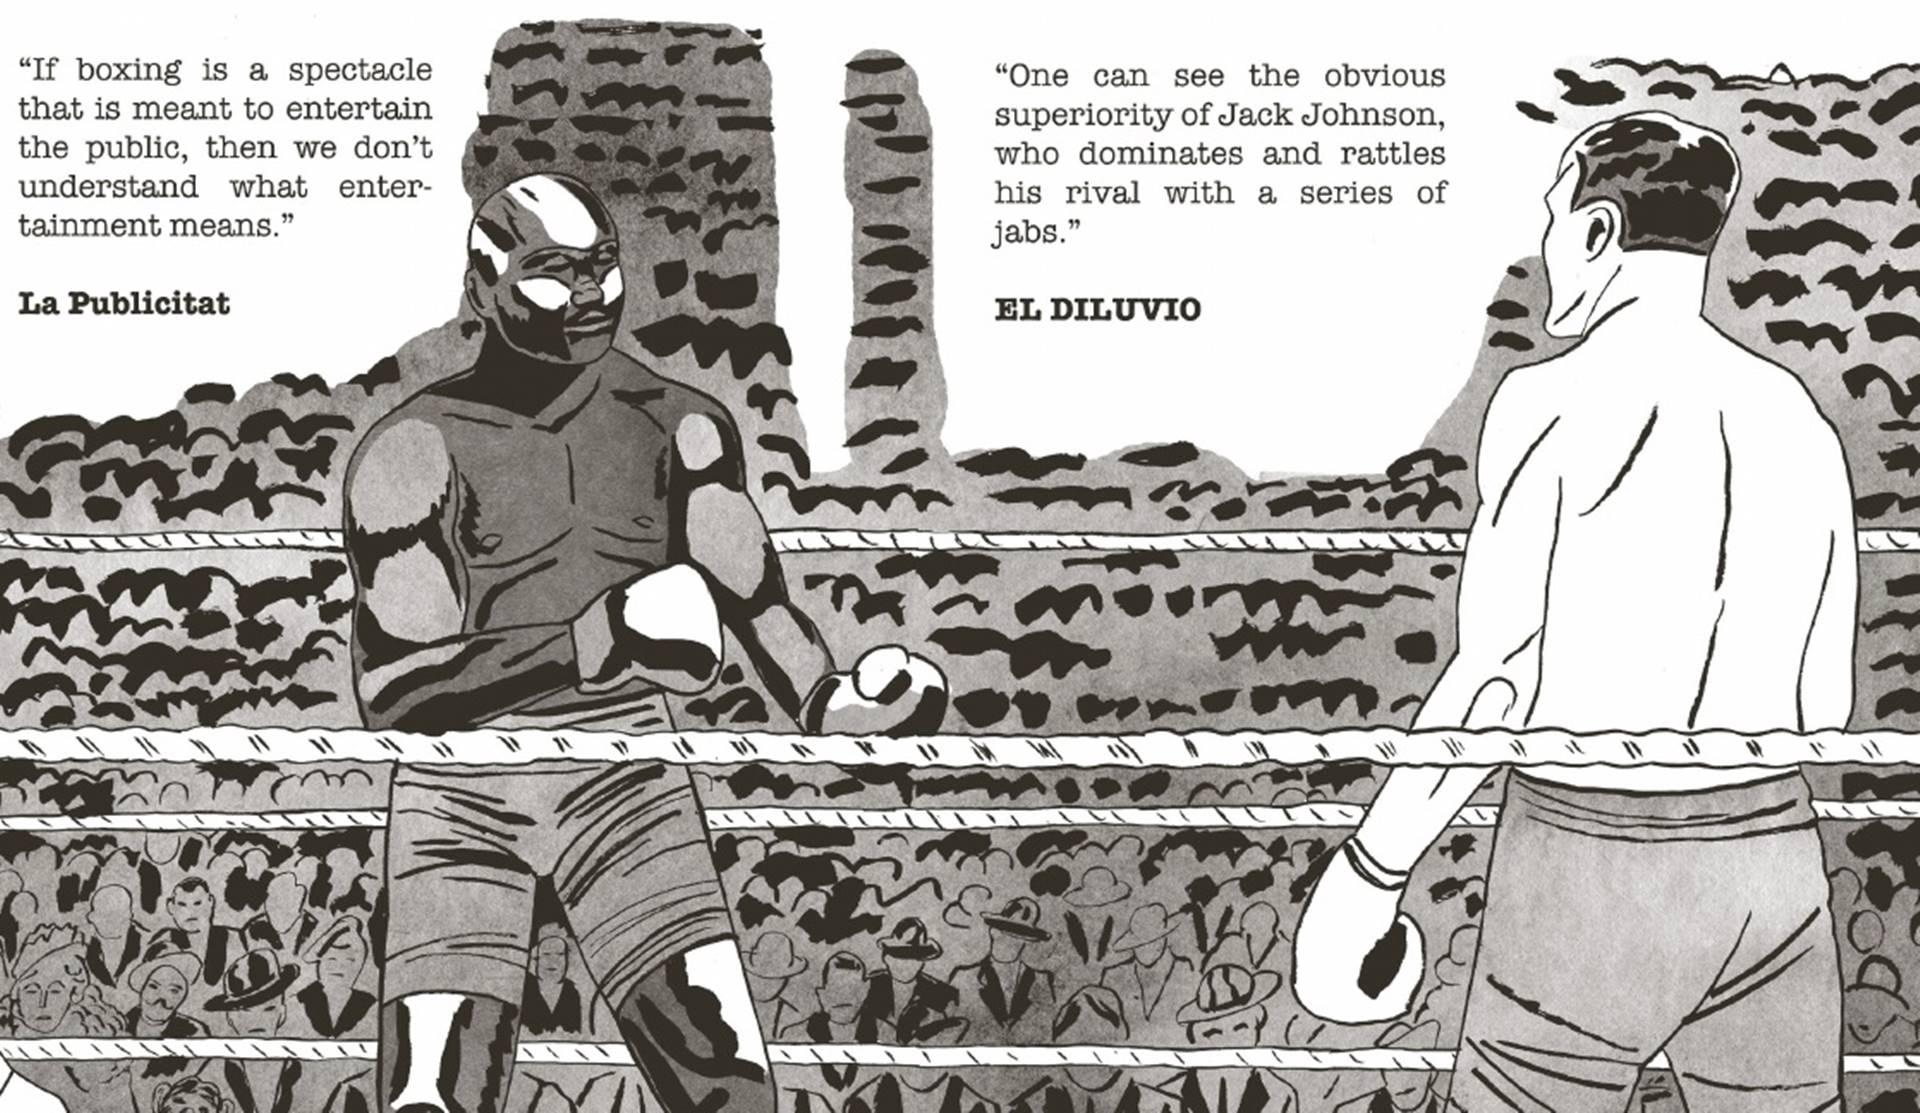 A Tale of Two Arthurs un cómic sobre prejuicios, racismo y boxeo.